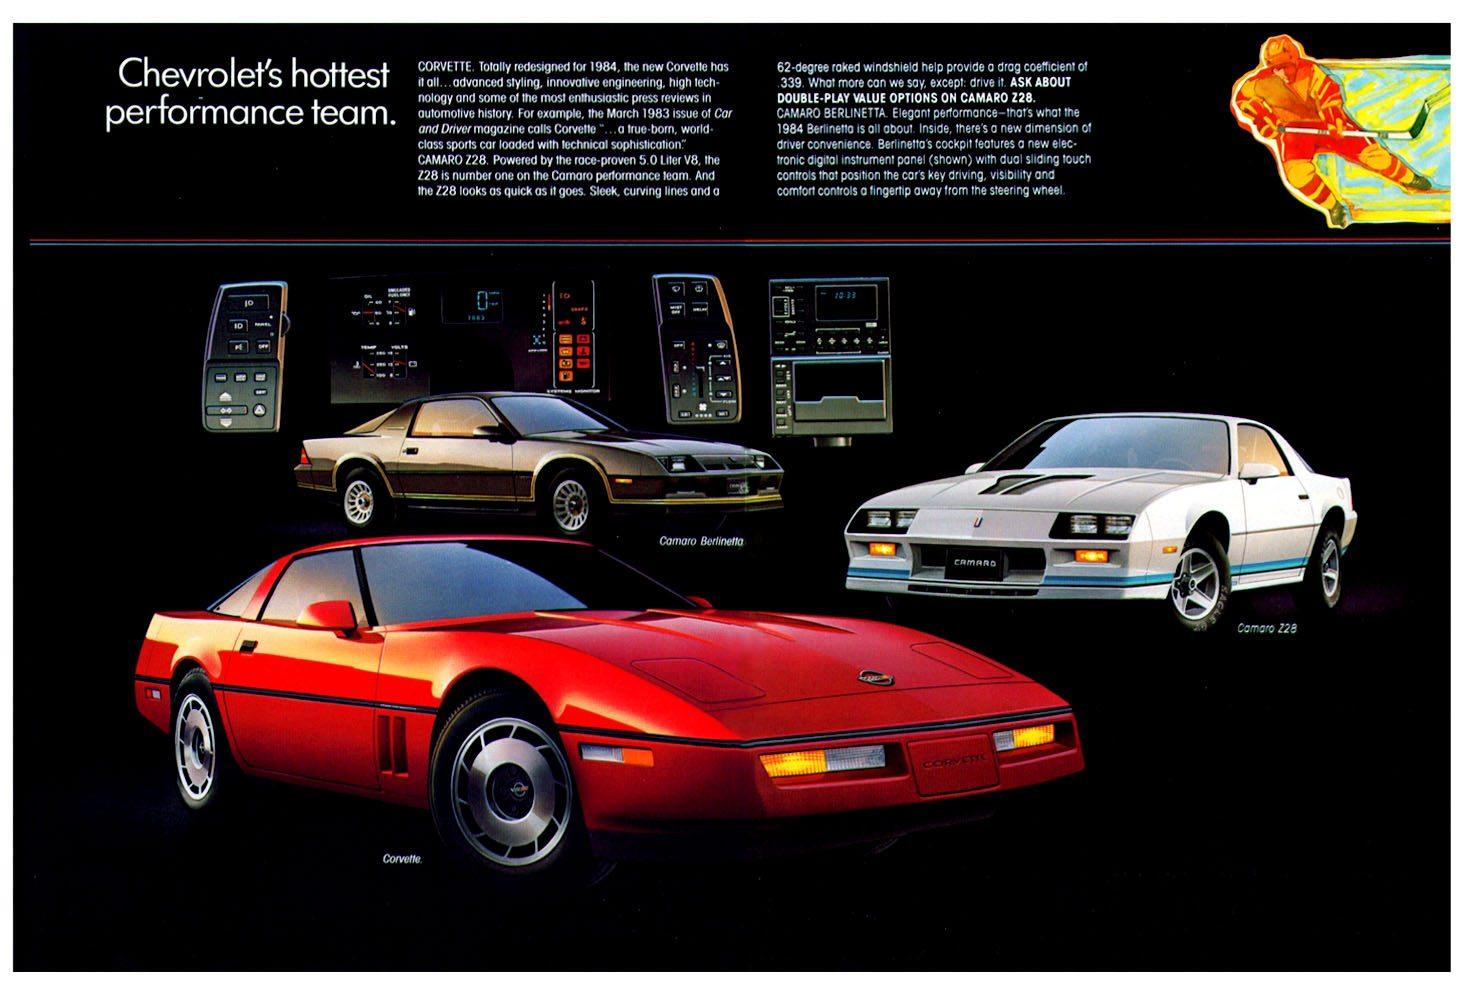 2003 Corvette Ad